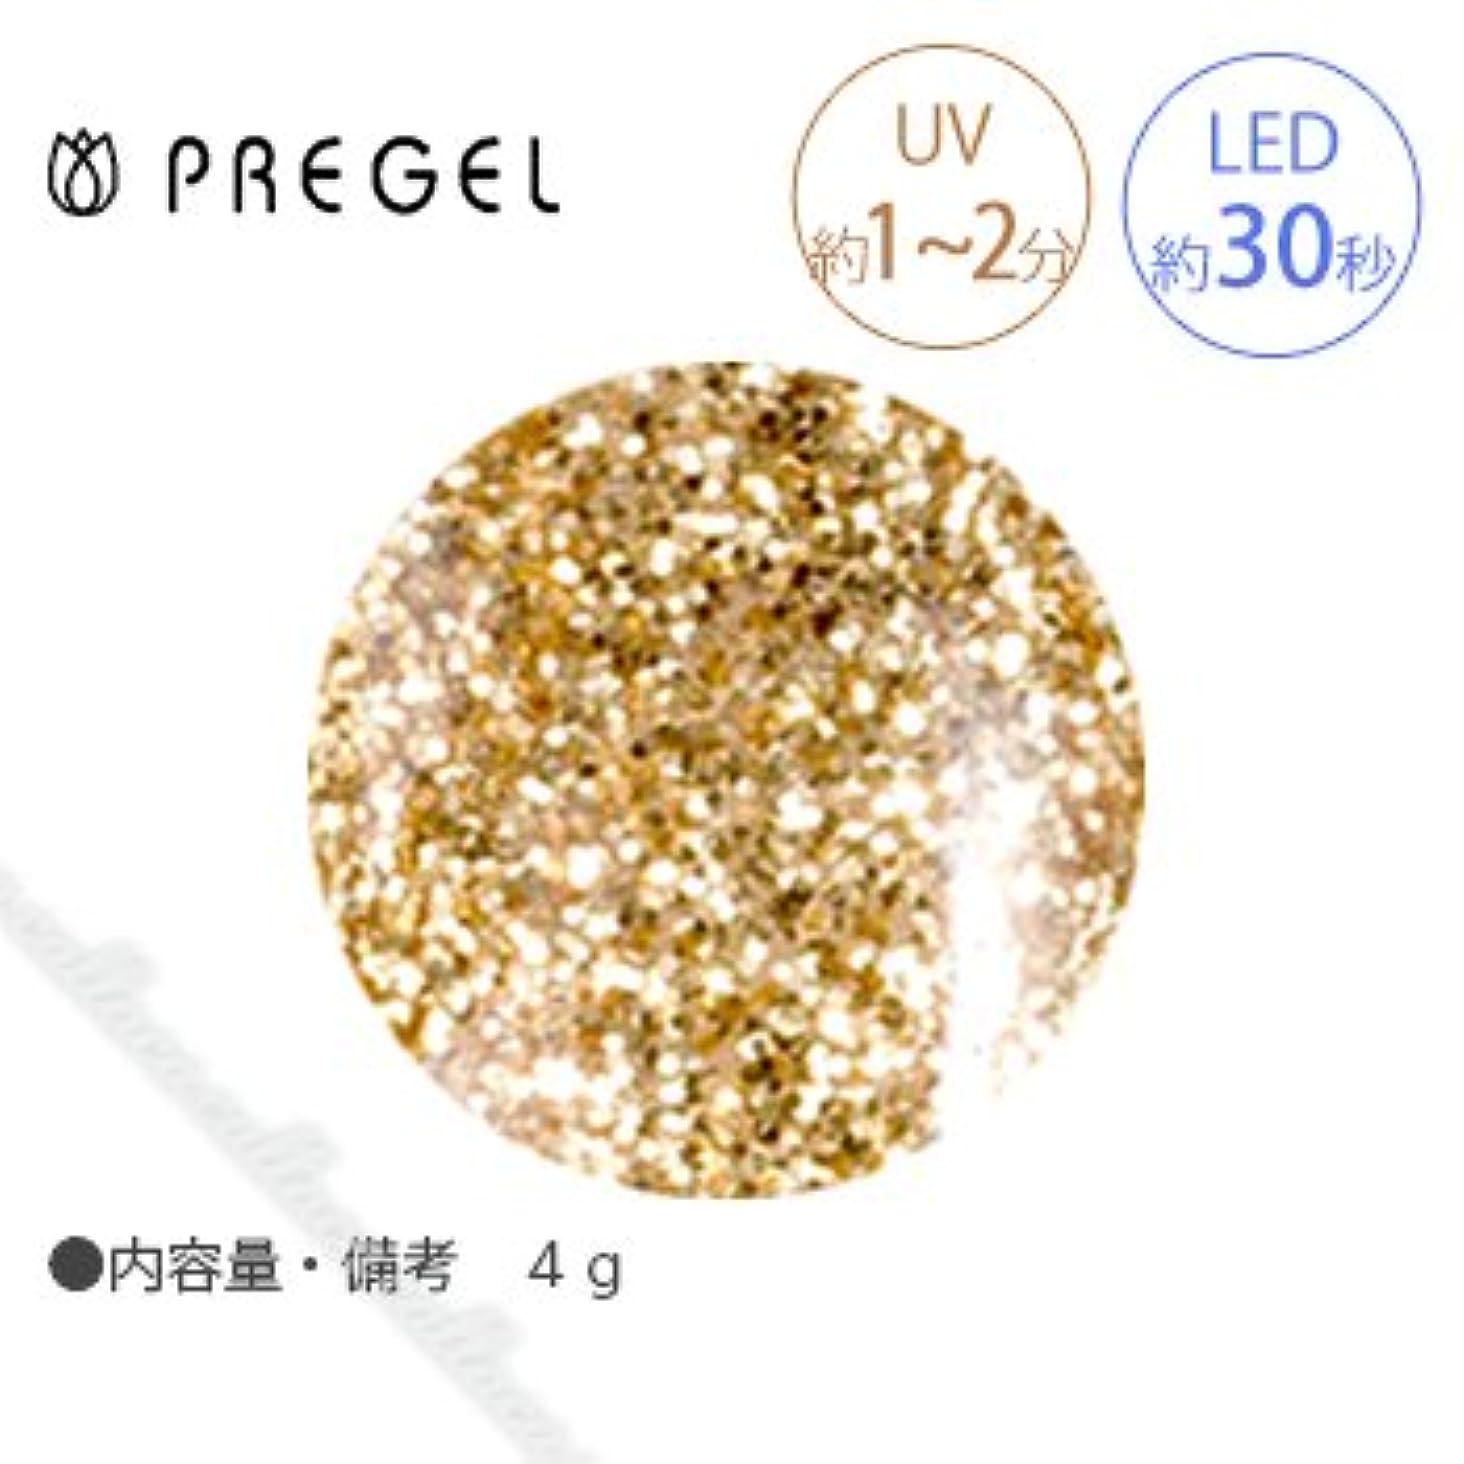 同様に酸化物スキー【PREGEL】 プリジェル カラーEX ダイヤモンドシリーズ ダイヤモンドブロンズ PG-CE402 4g